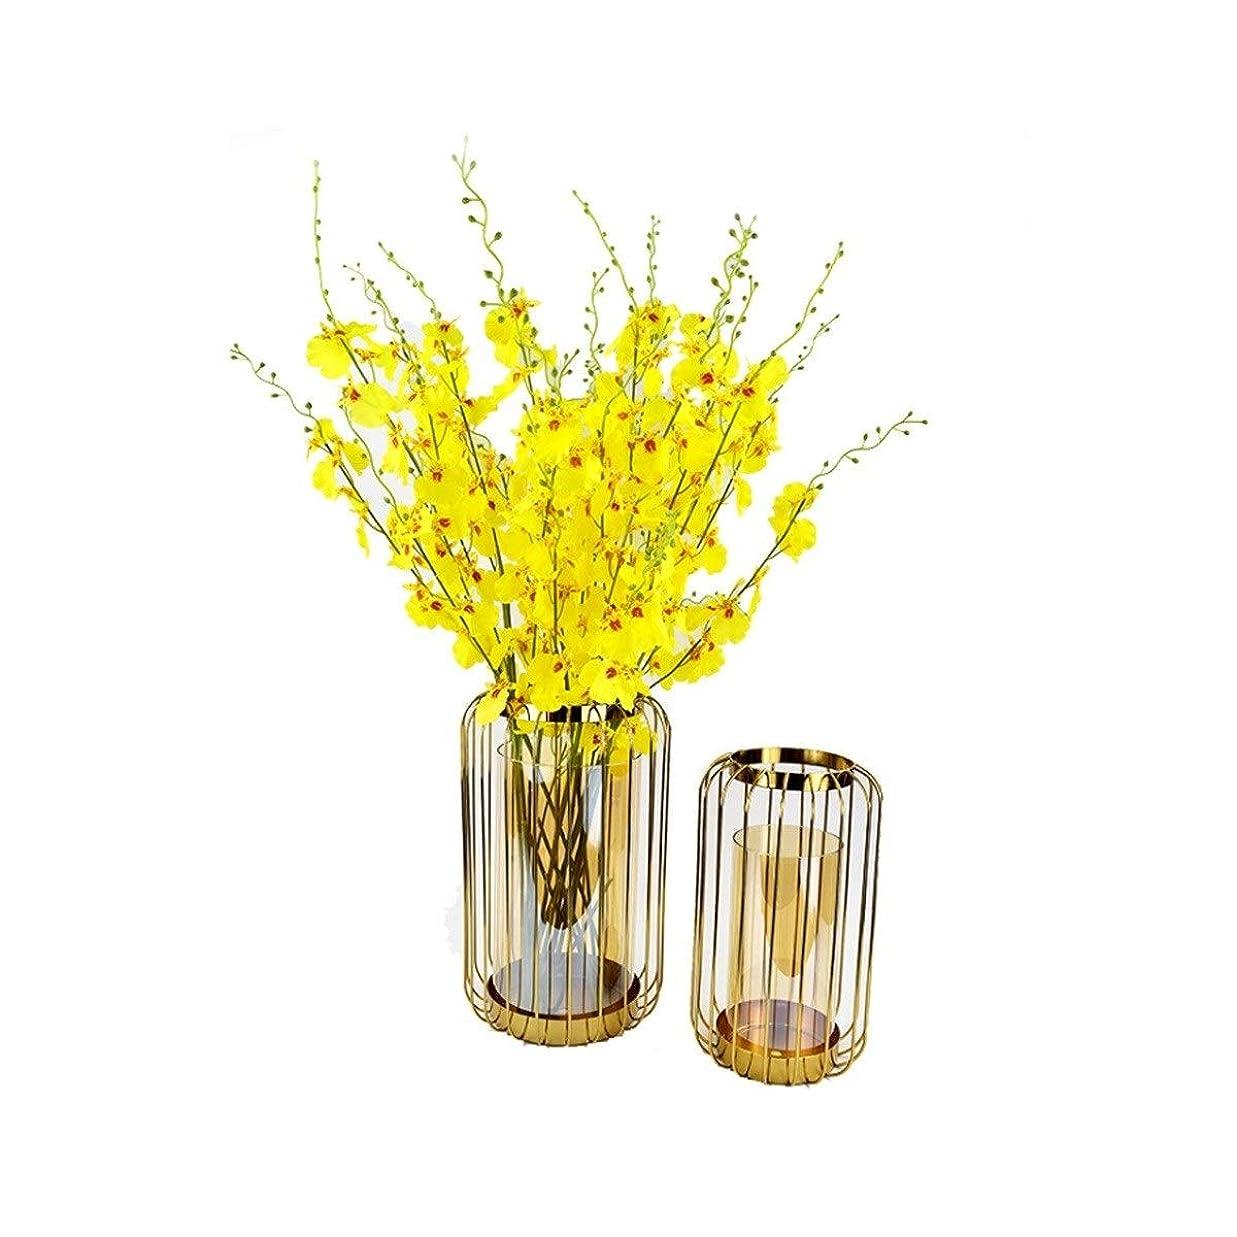 お祝い支給錫XMSM 金属クリエイティブ花瓶、シンプルな錬鉄ガラスの花瓶、北欧ホームデコレーションオーナメント (Color : A)